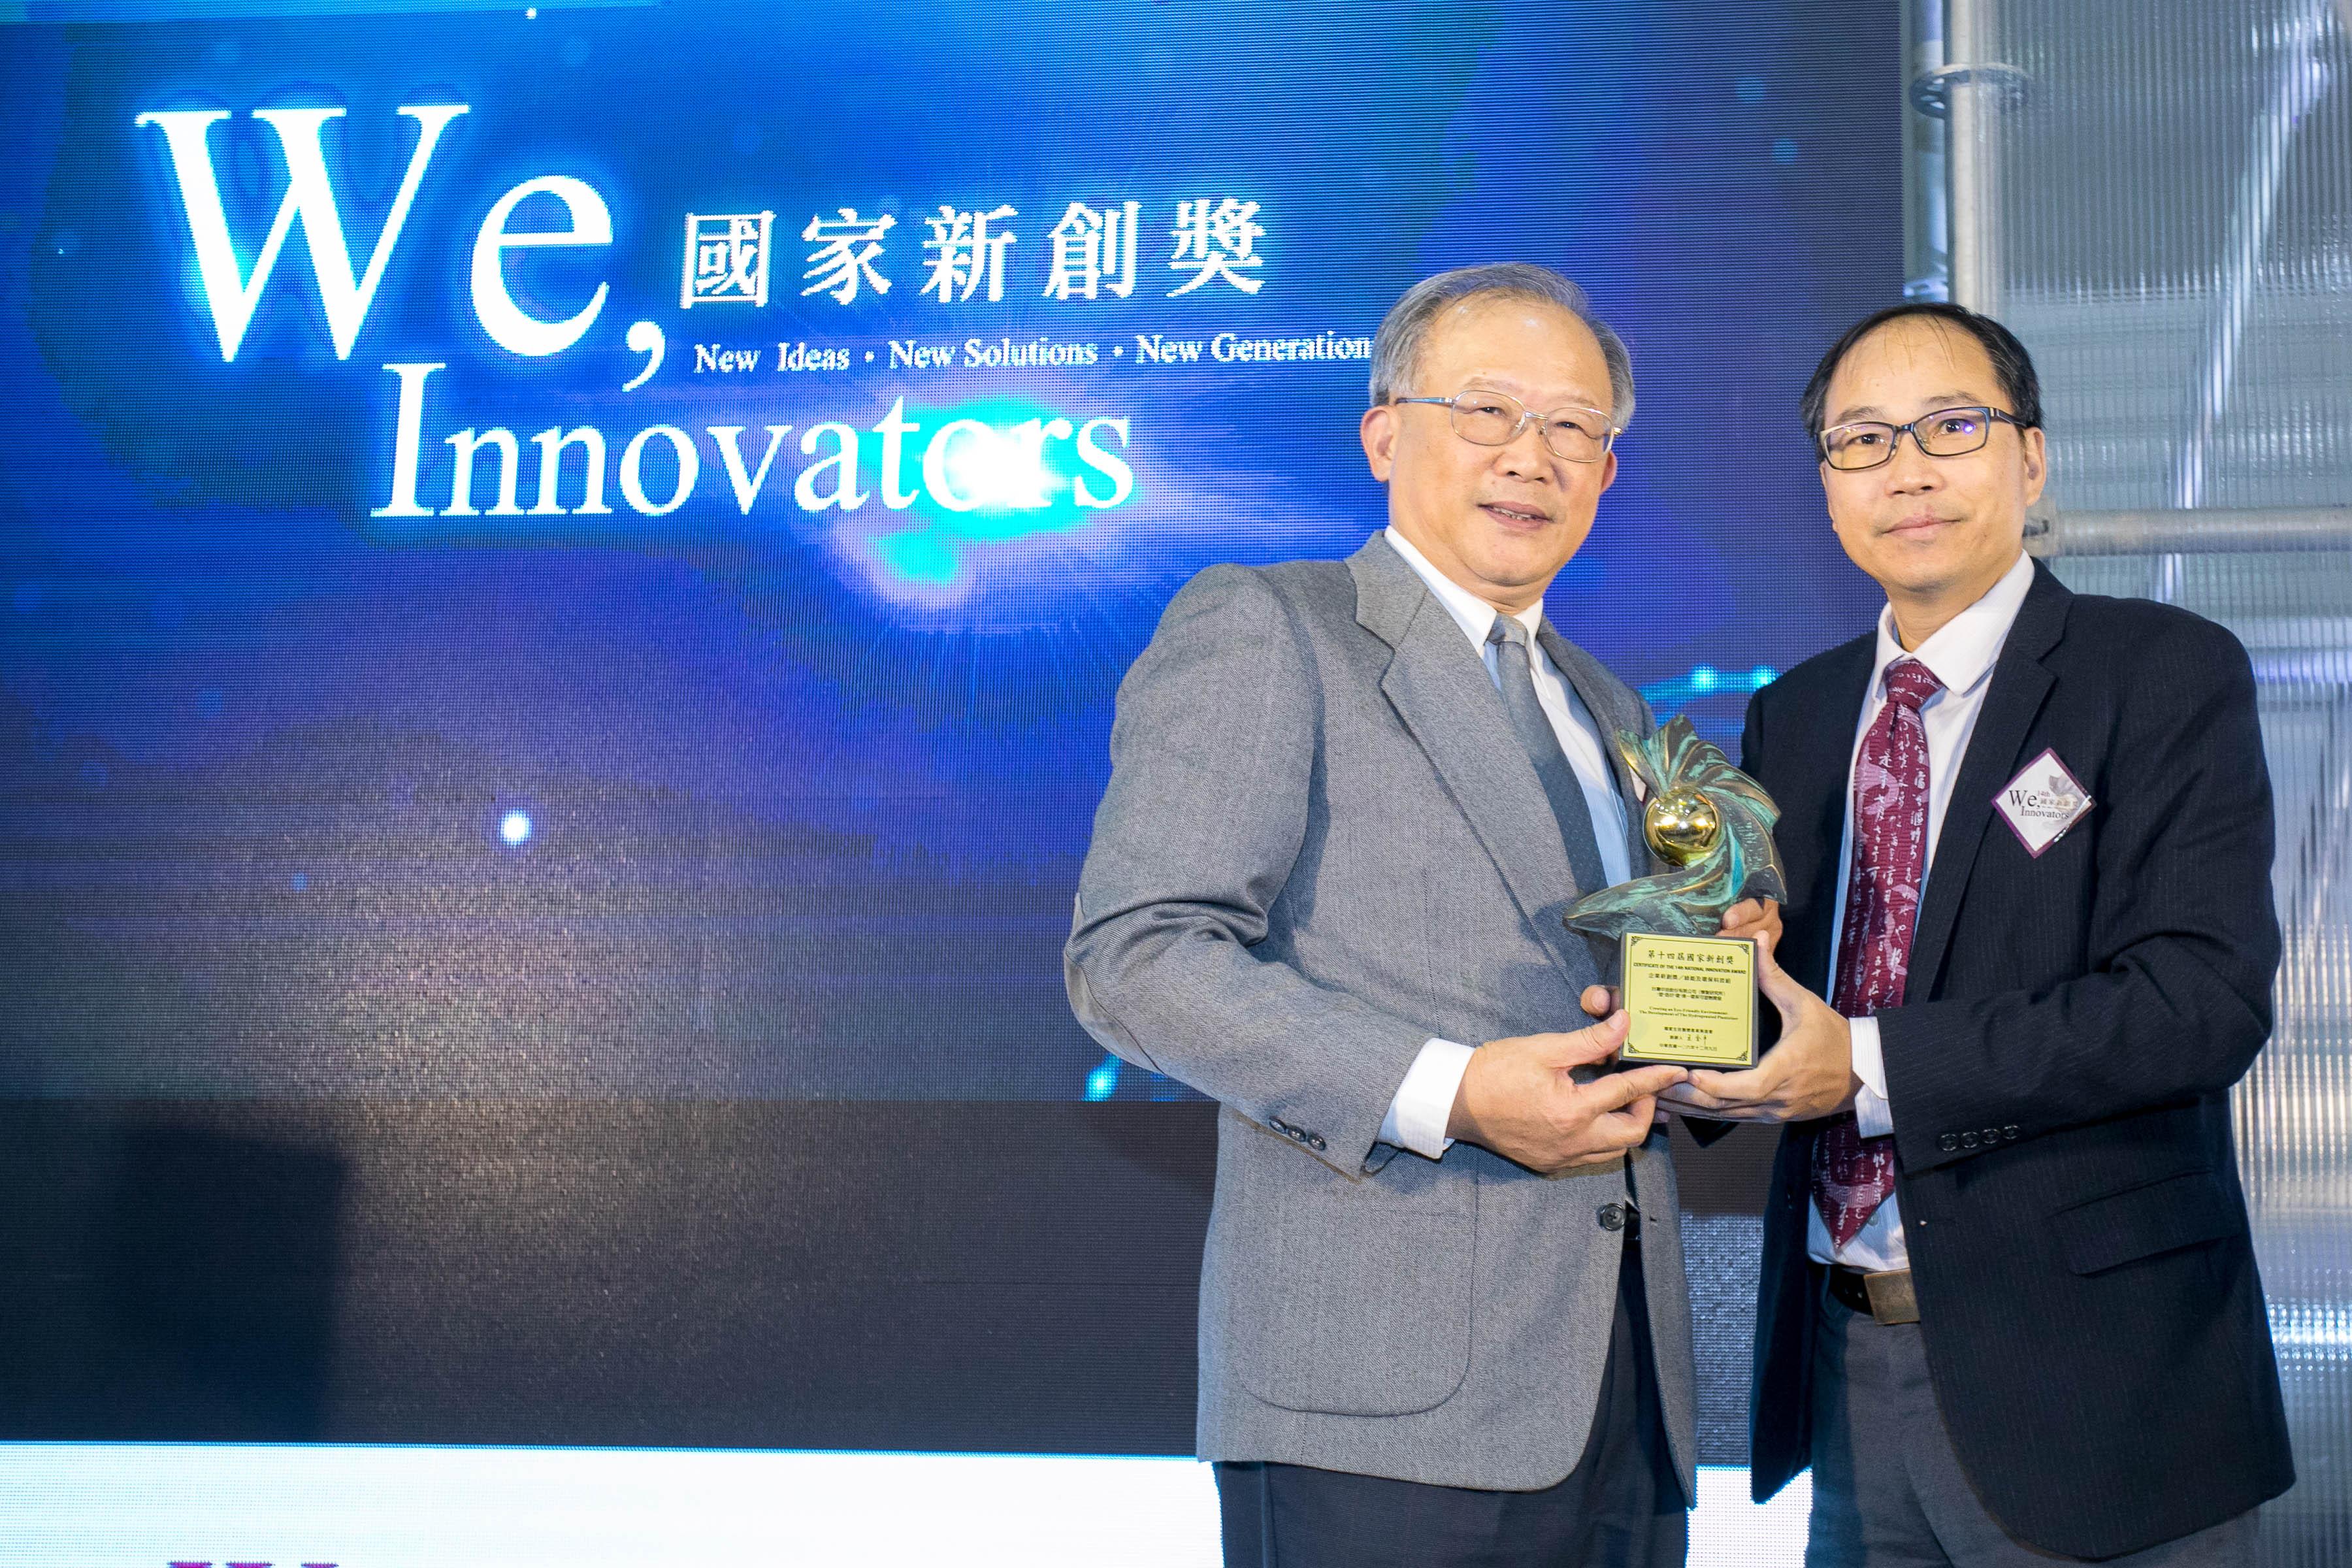 企業新創 綠能及環保科技組獲獎